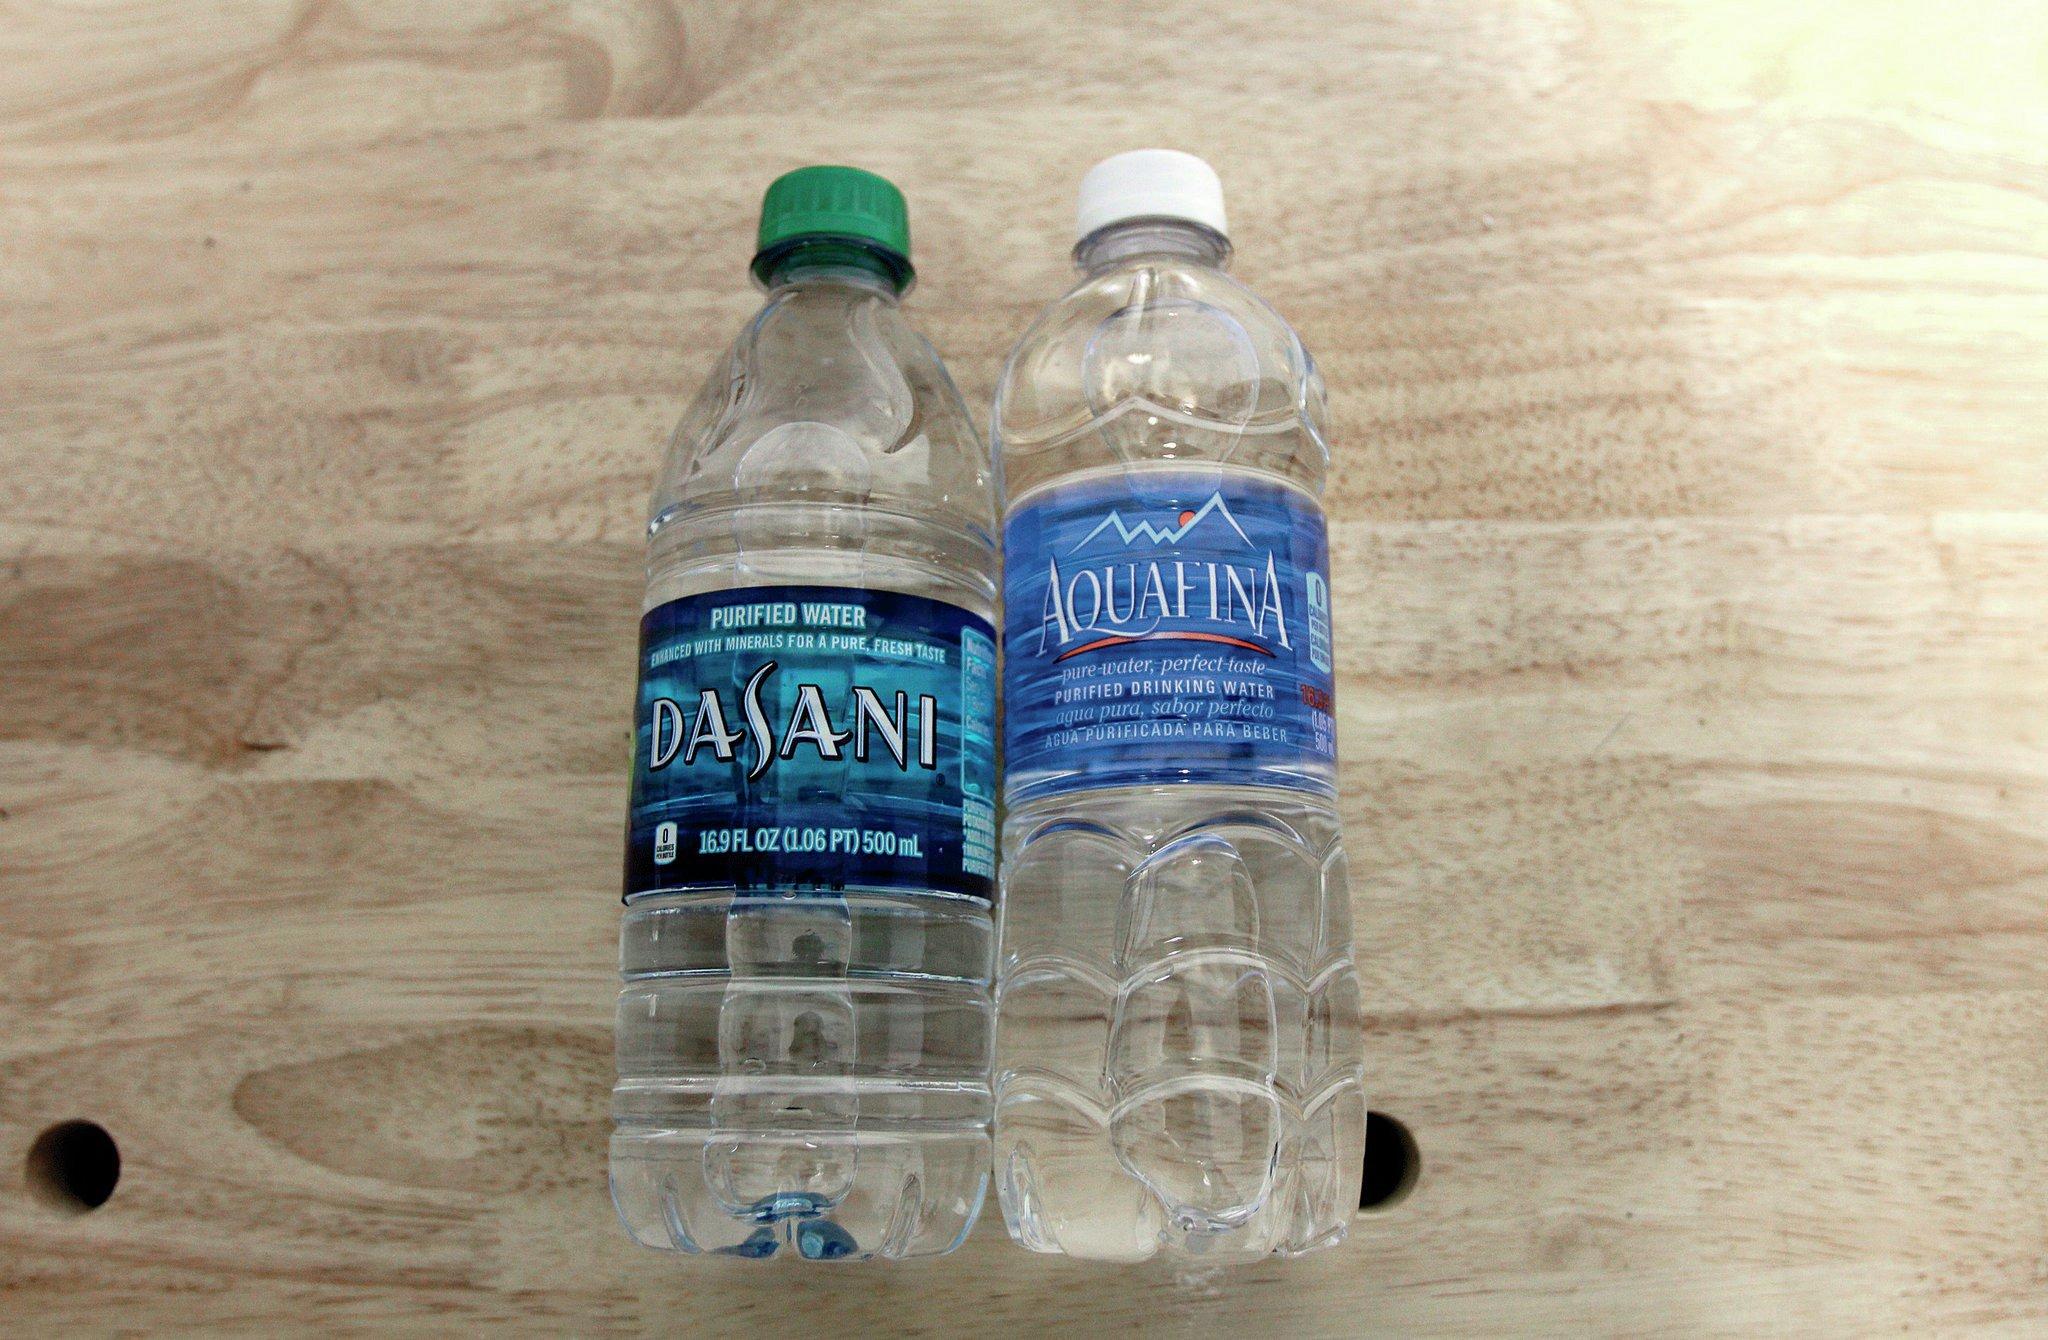 dasani aquafina water bottles